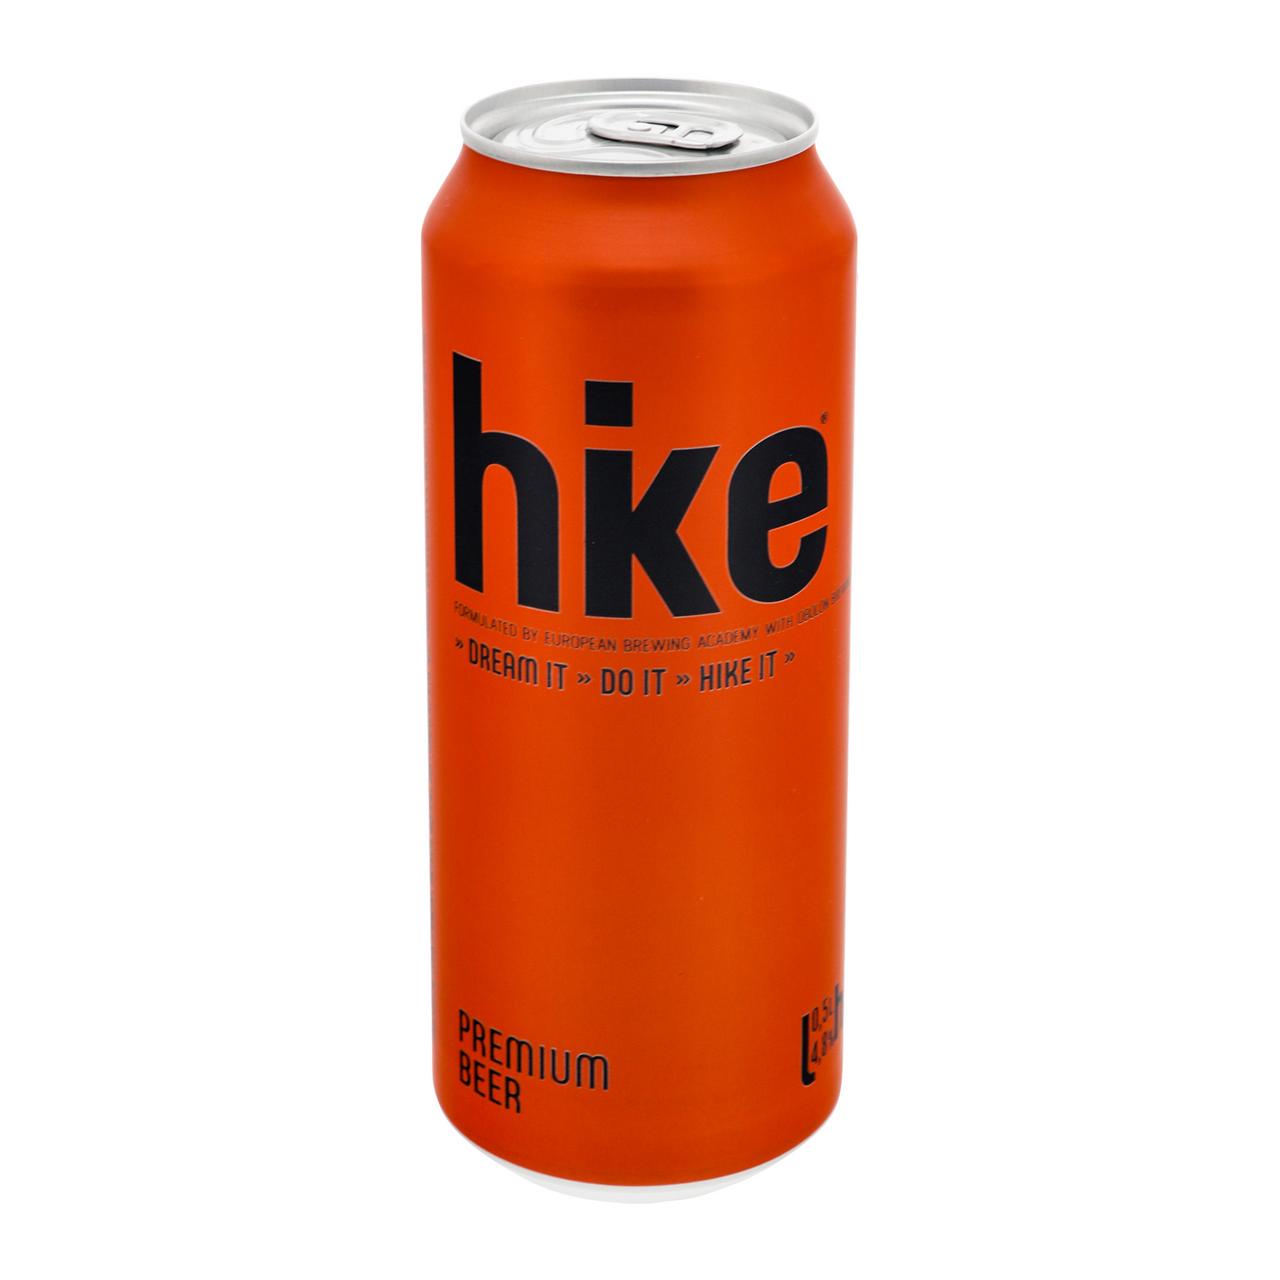 Пиво Hike Premium світле пастеризоване 4.8% 0.5л